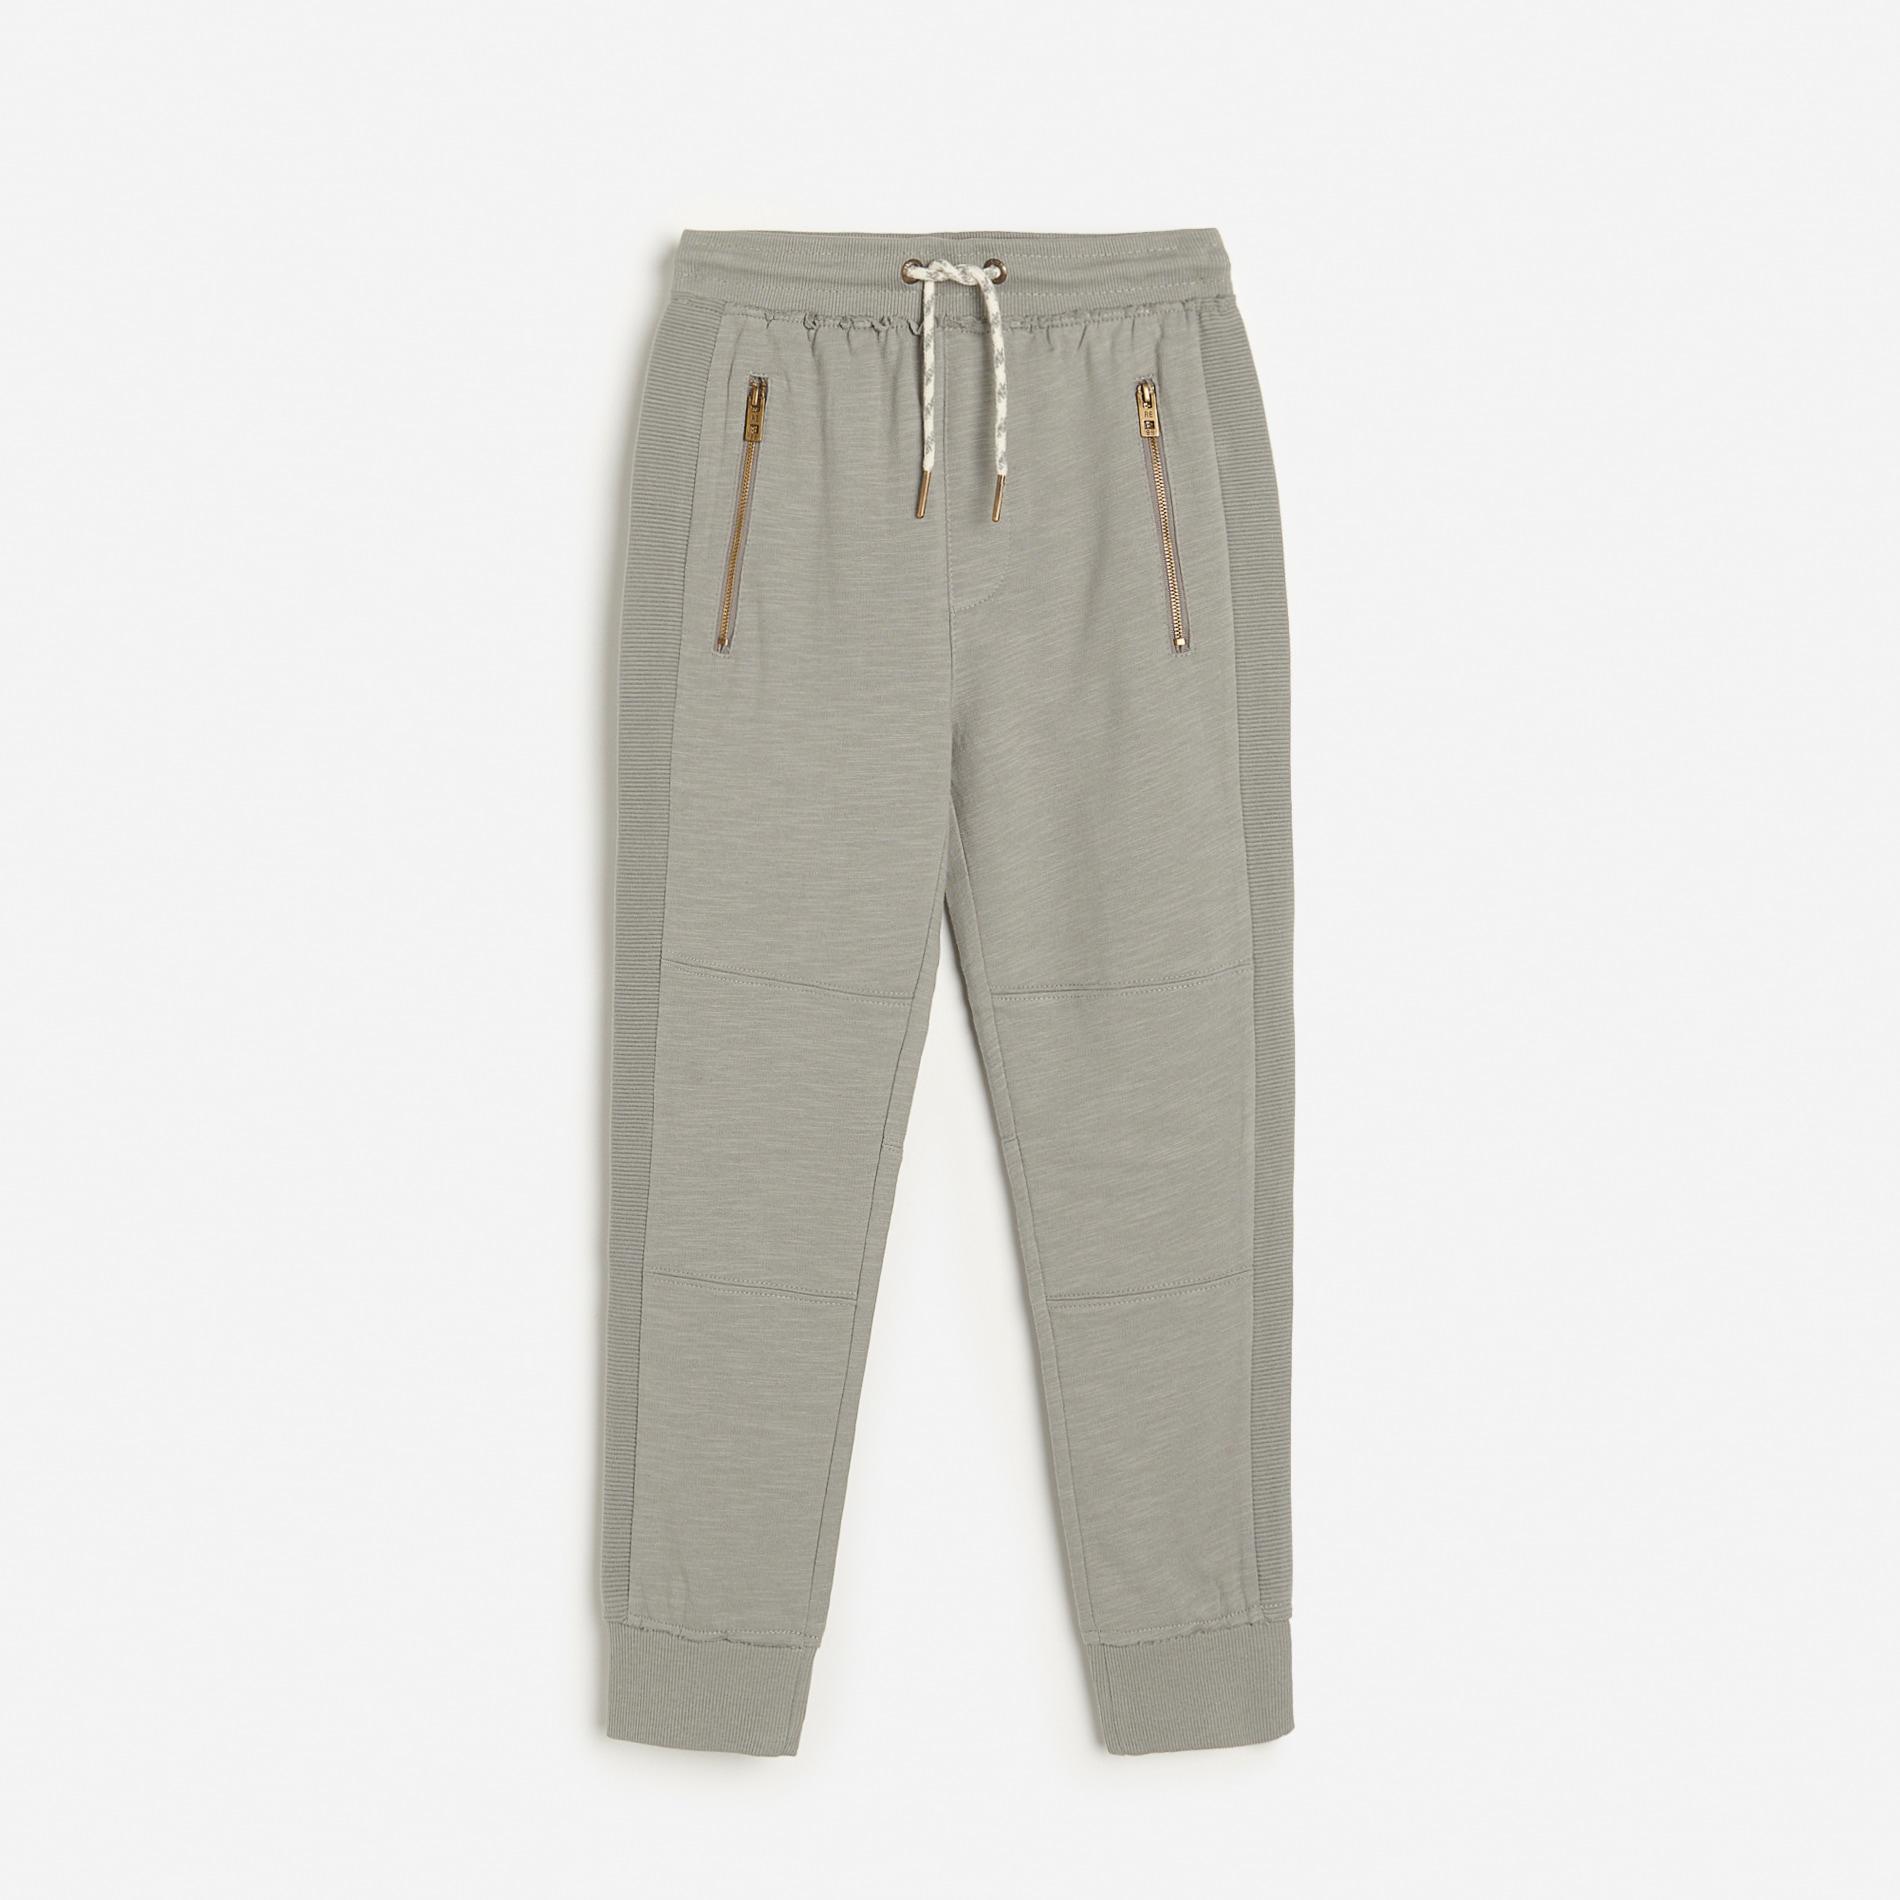 Reserved - Teplákové kalhoty joggers spostranními pruhy - Světle šedá